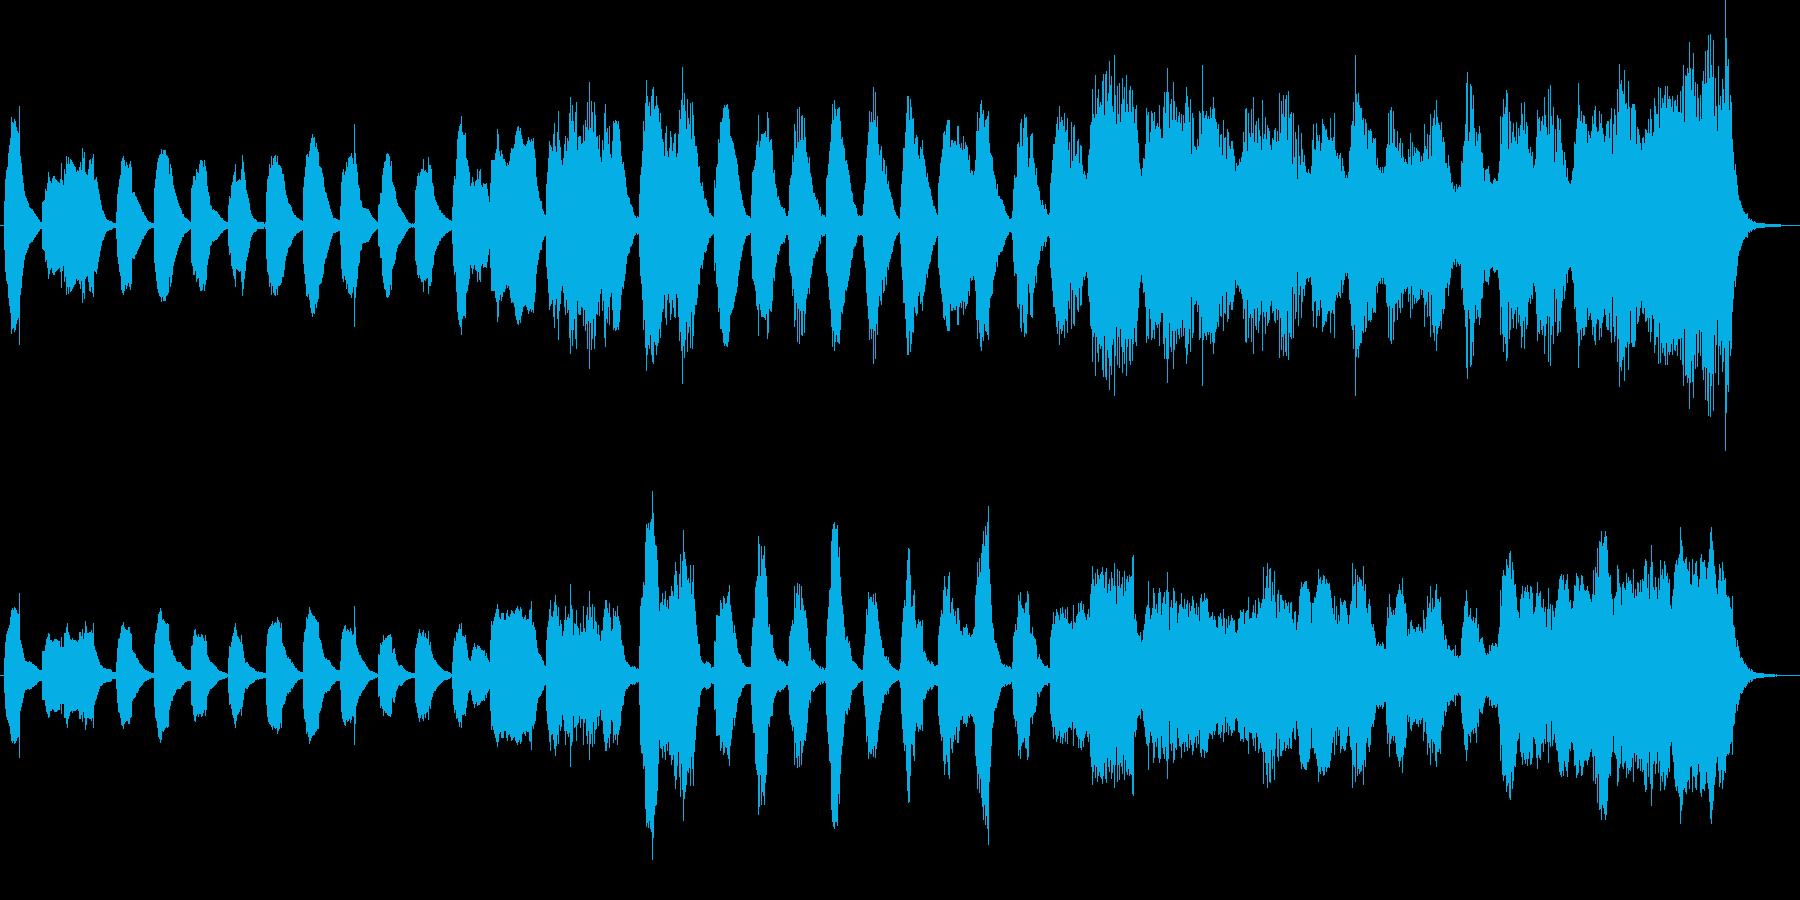 クラシックのバッハ風のジングルの再生済みの波形